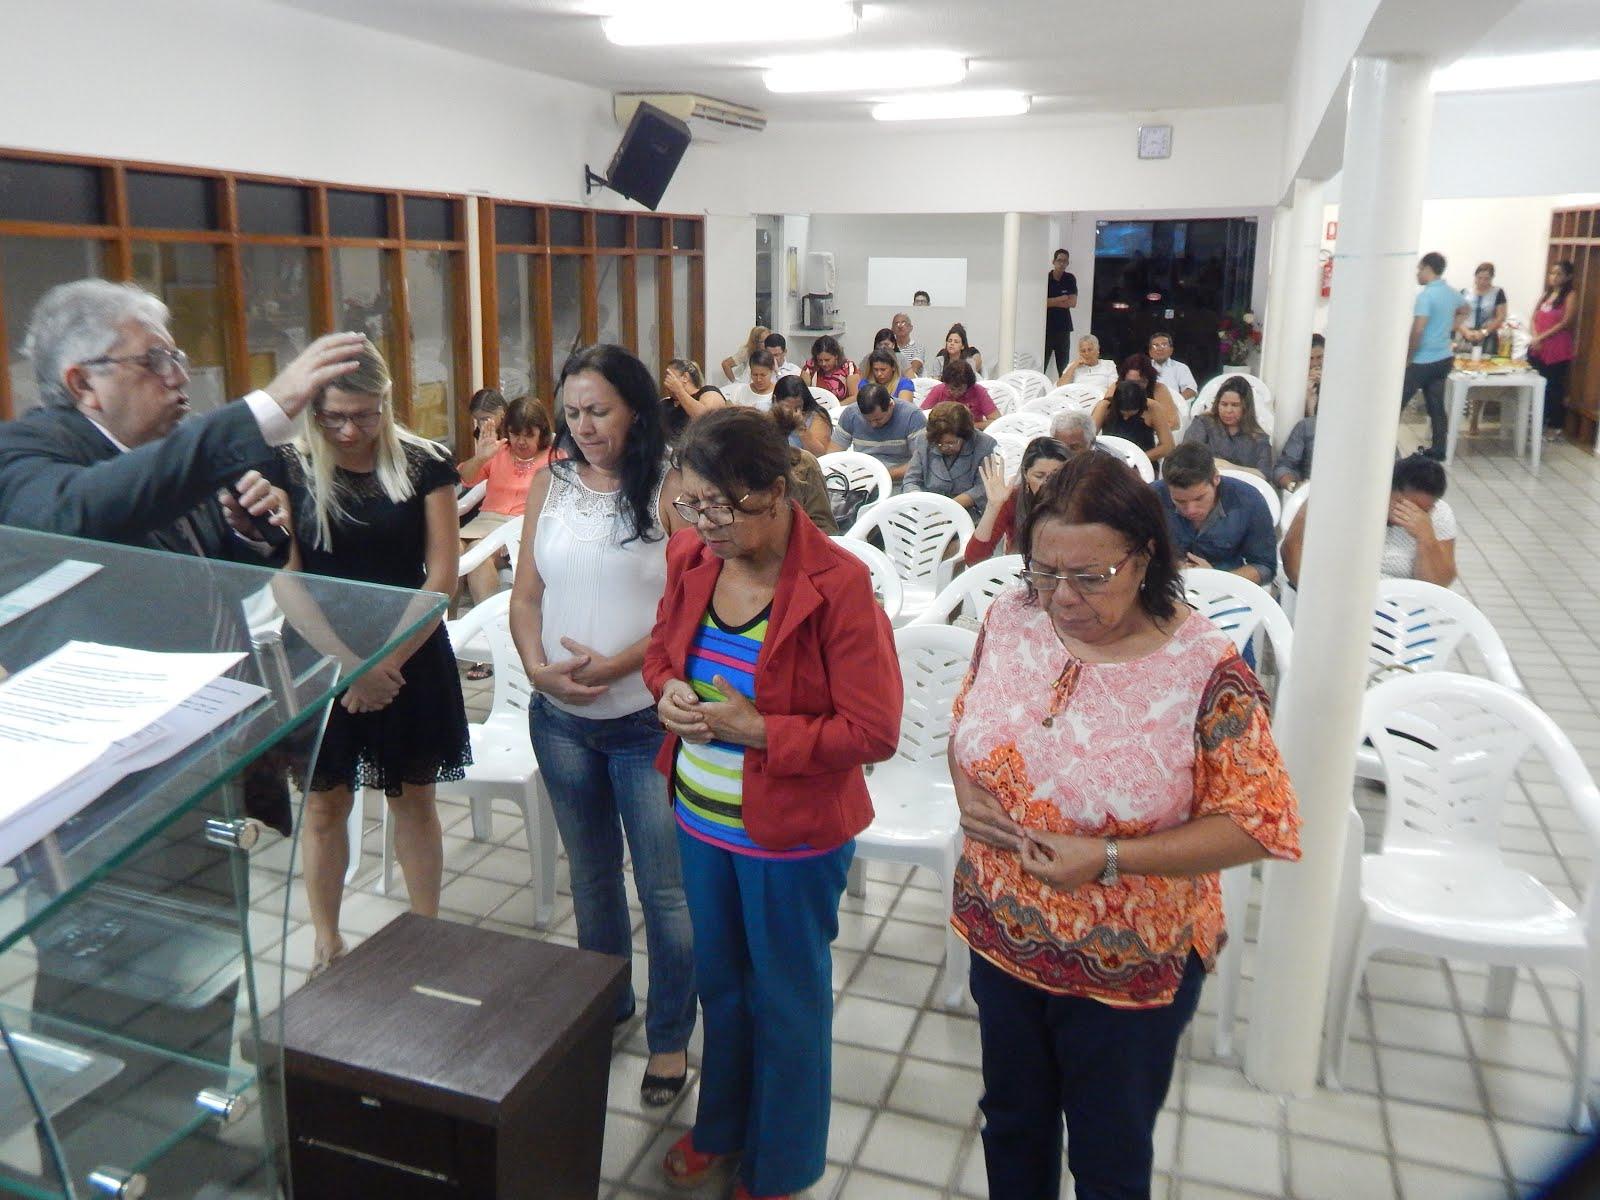 ALEGRIA DA PRESENÇA DE DEUS!